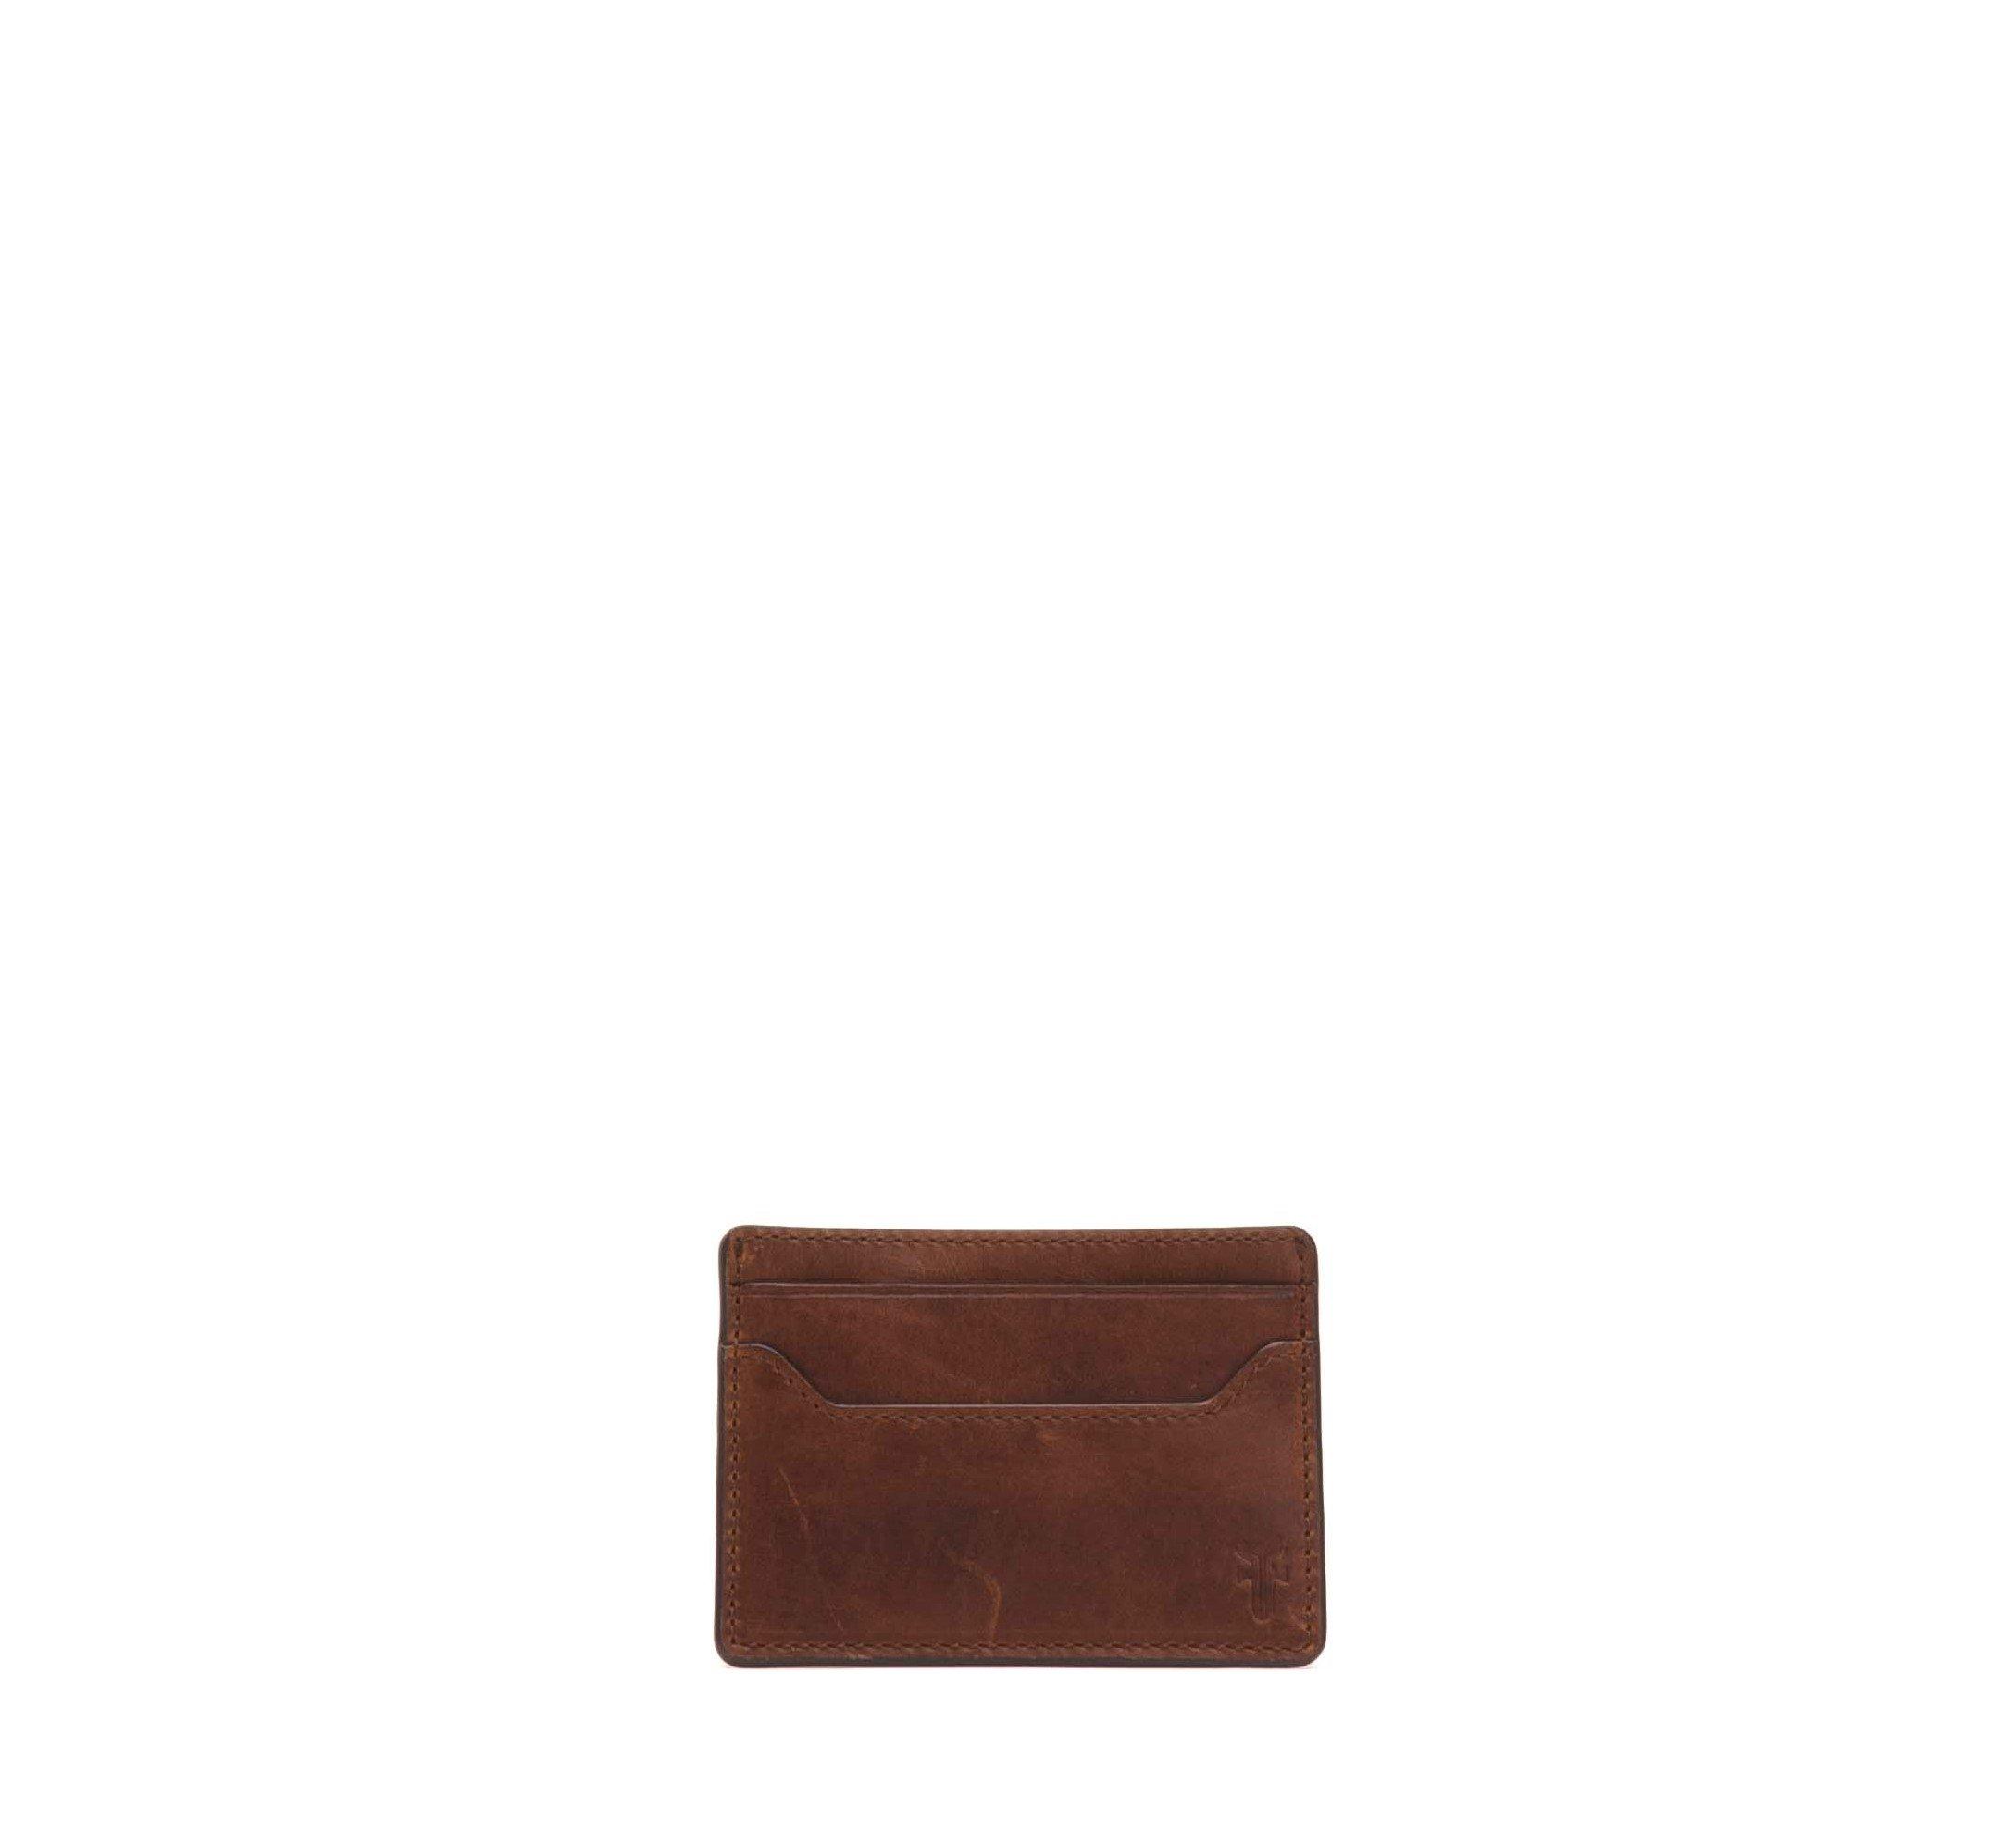 FRYE Men's Logan Money Clip Card Case, Cognac, One Size by FRYE